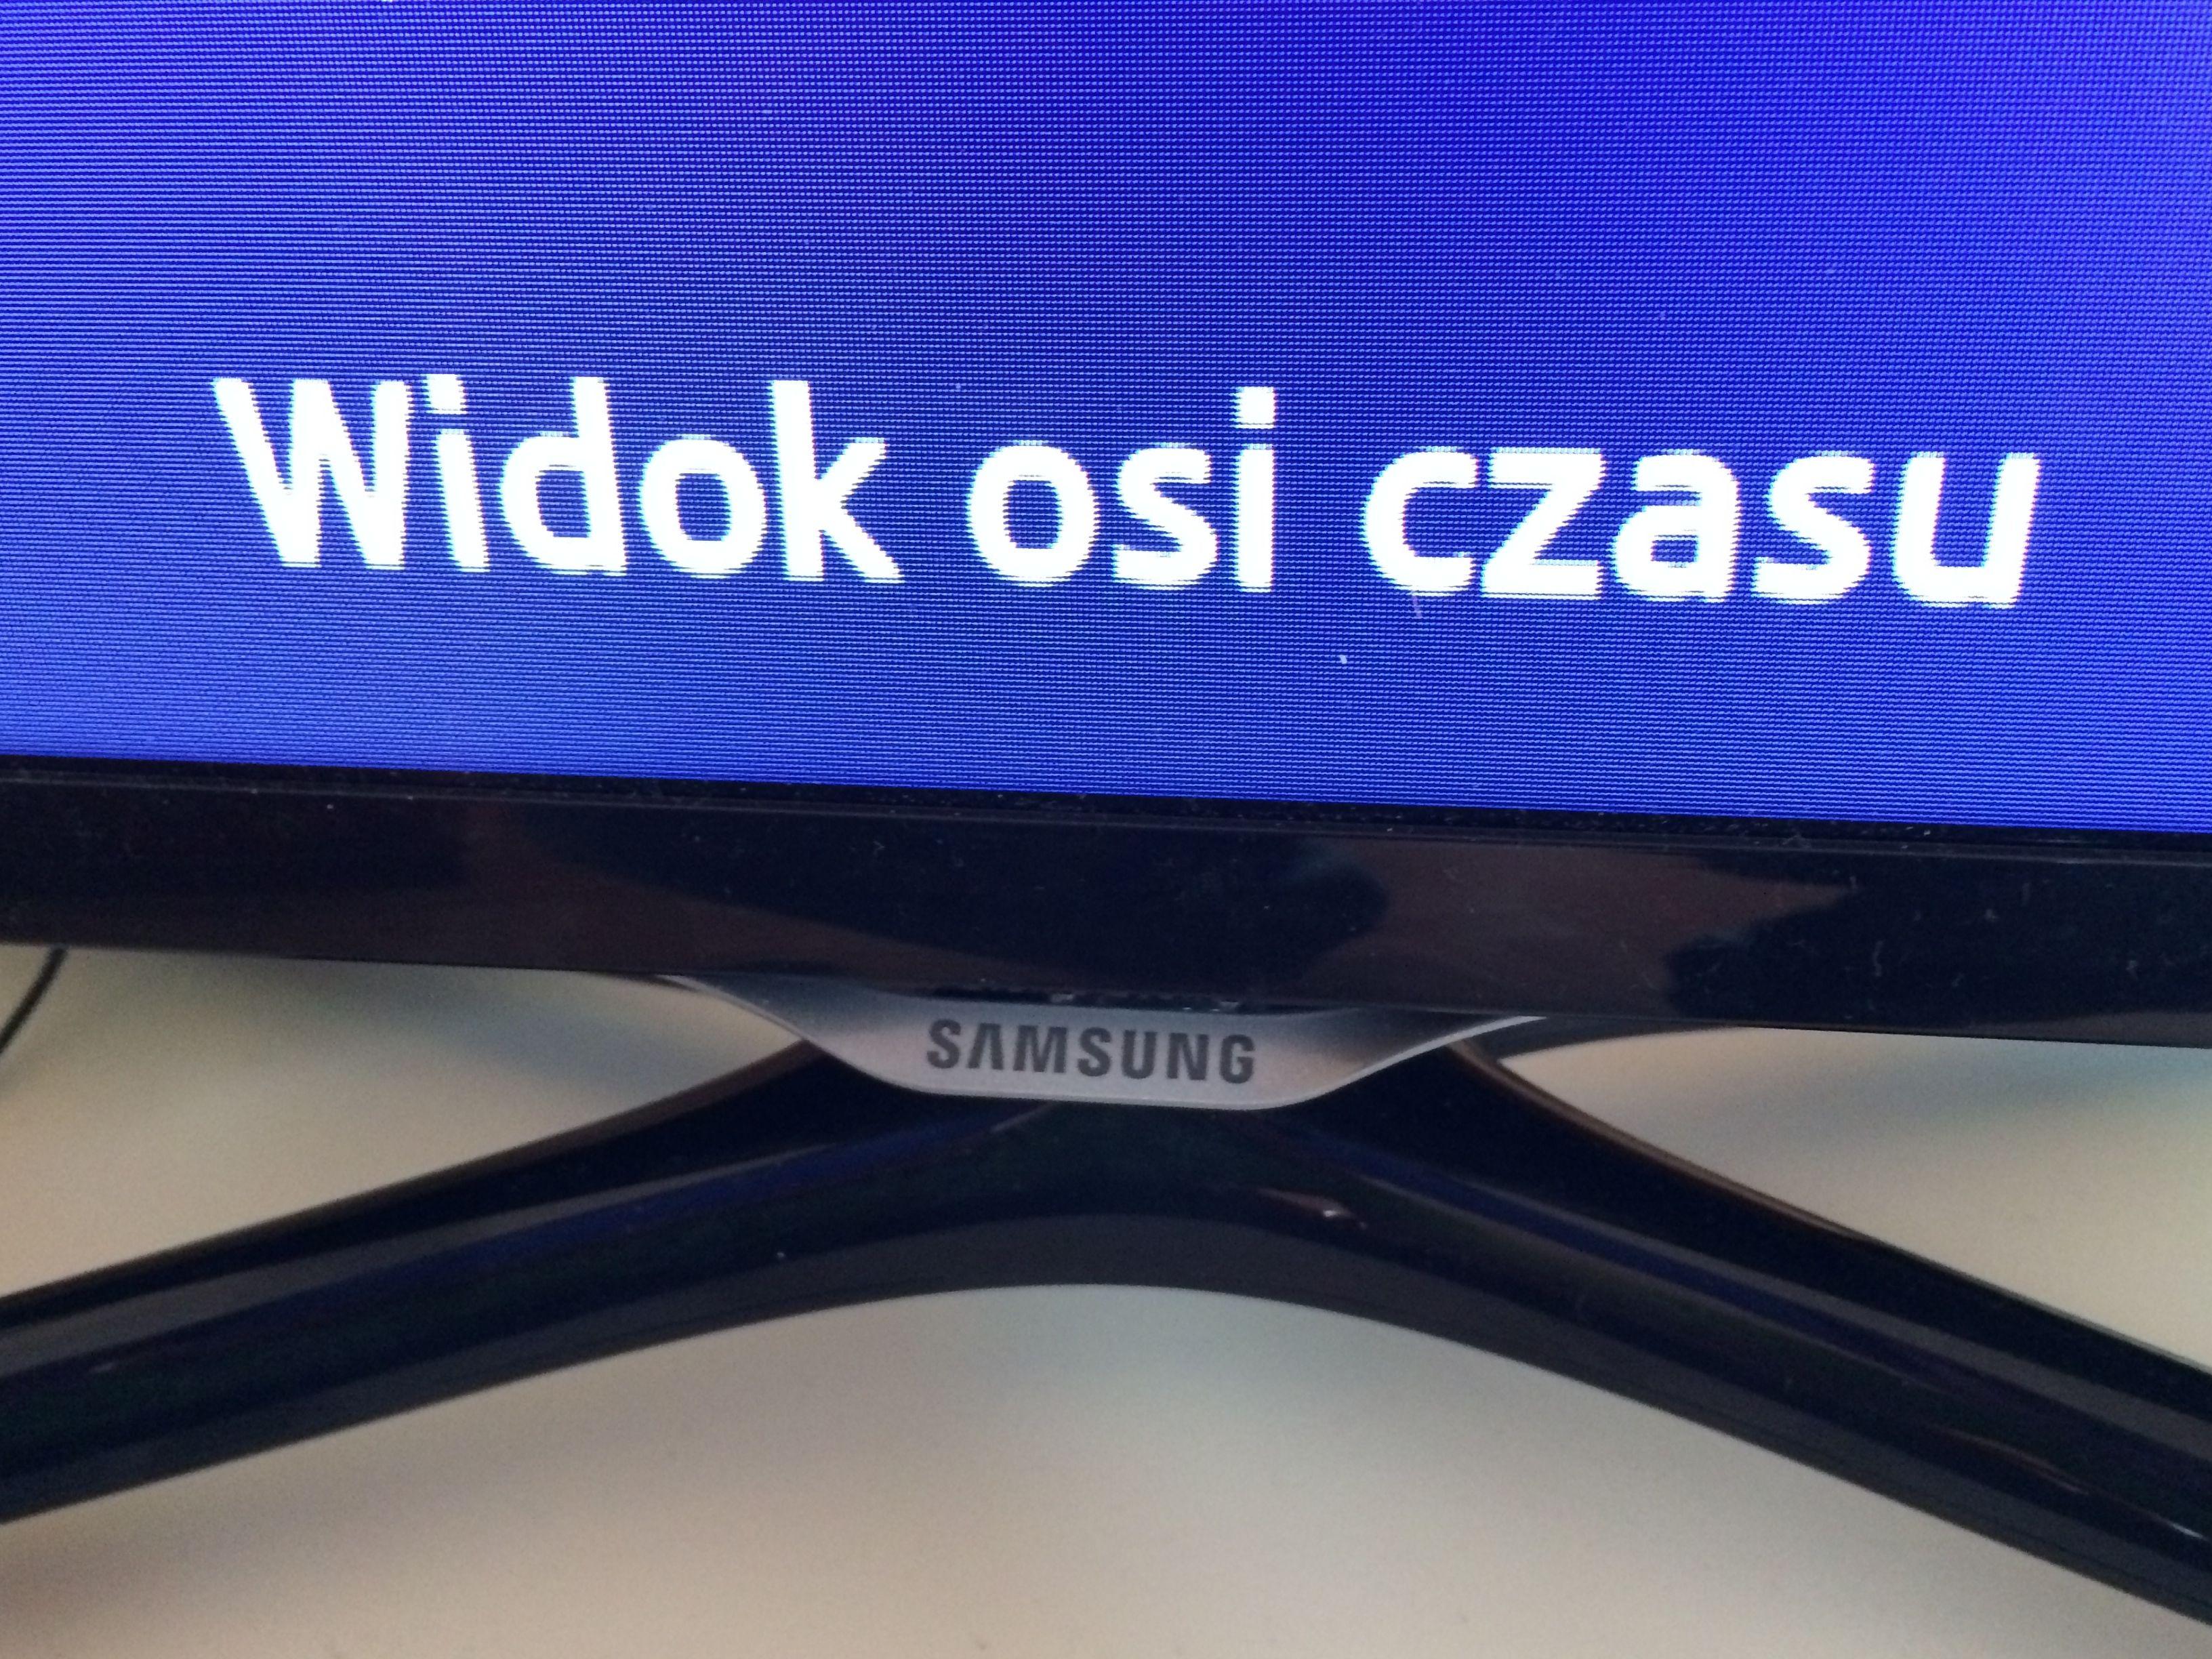 Smart TV dla każdego, czyli Samsung F5500 – recenzja Spider's Web